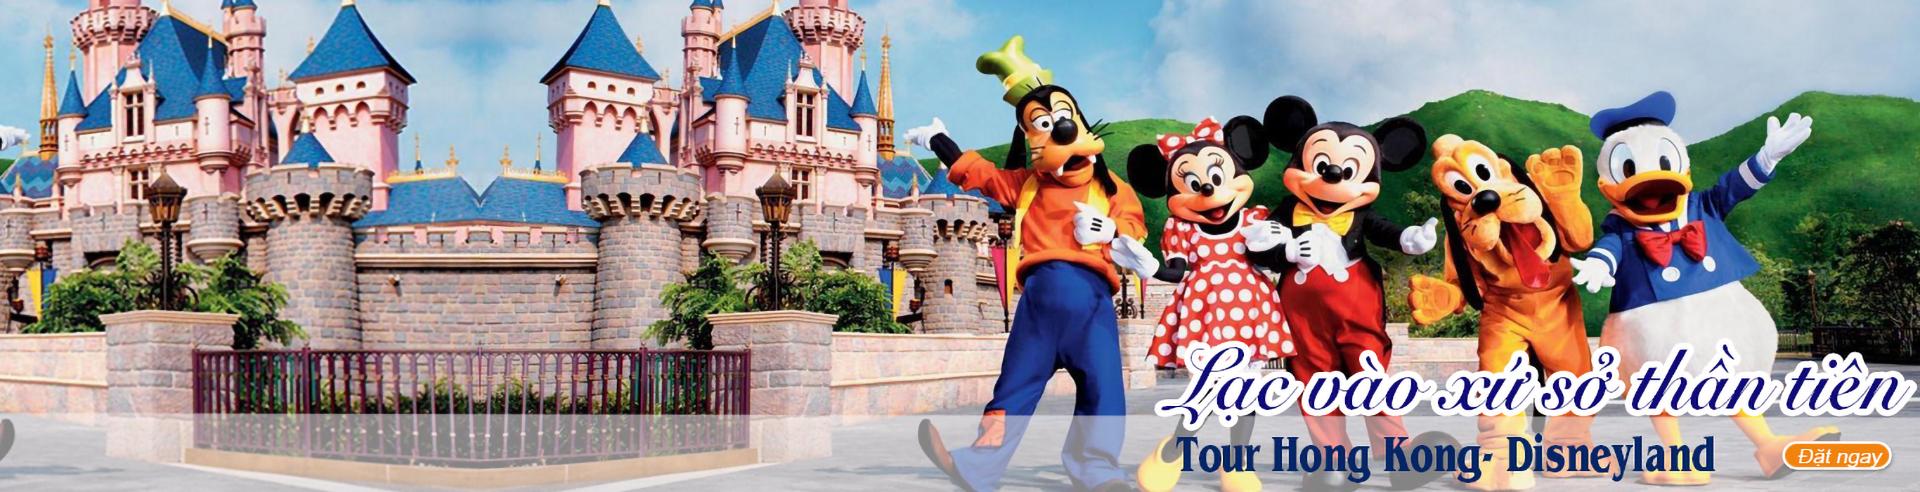 HongKong- Disneyland: trang tour